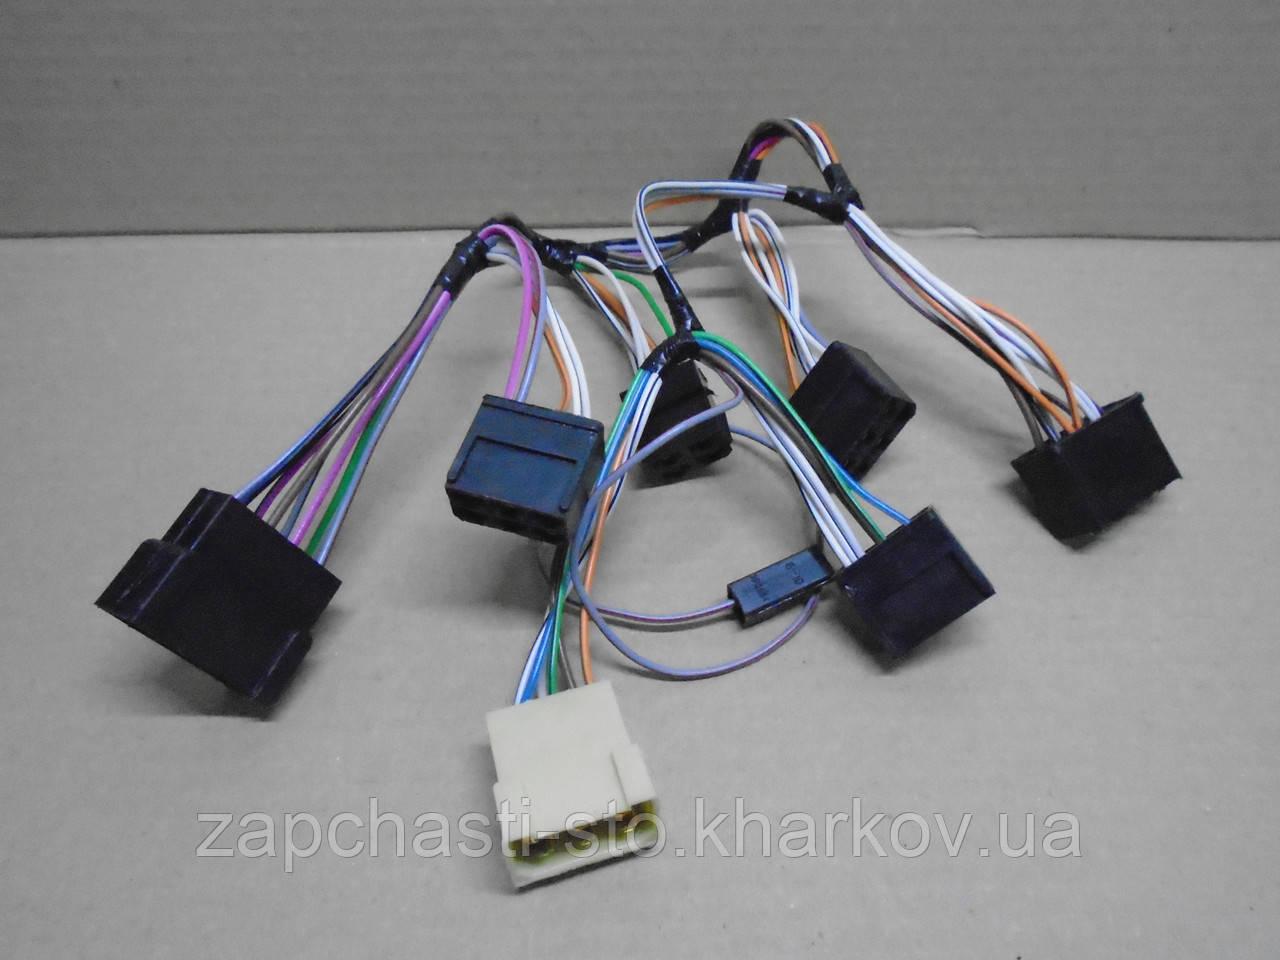 Проводка, жгут для приборной панели ВАЗ 2106/2103